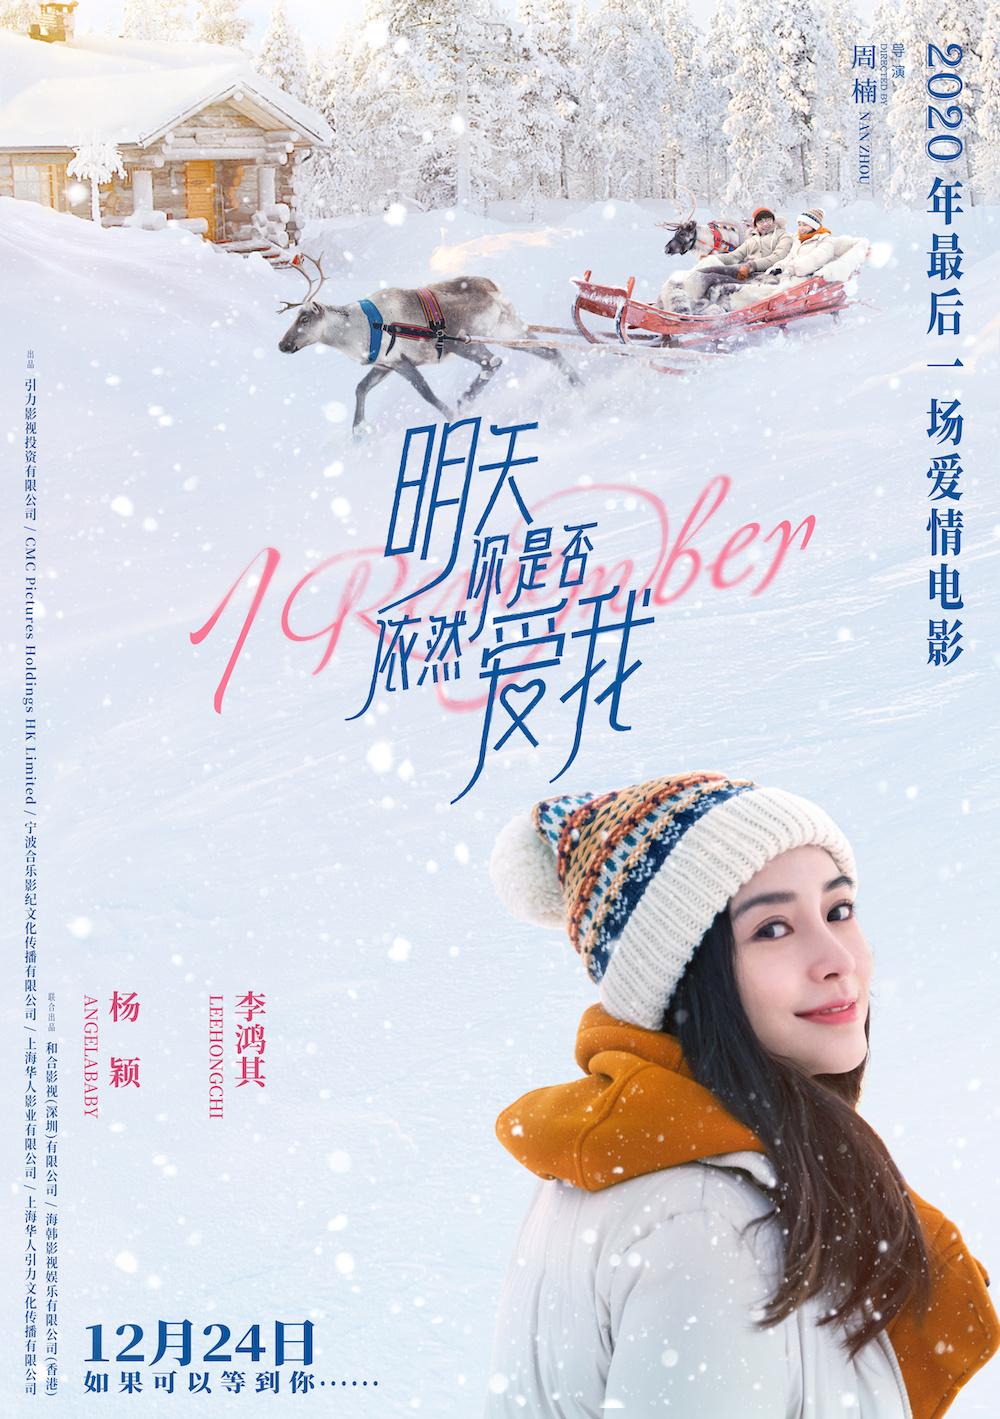 《明天你是否依然爱我》曝新海报 杨颖甜恋李鸿其